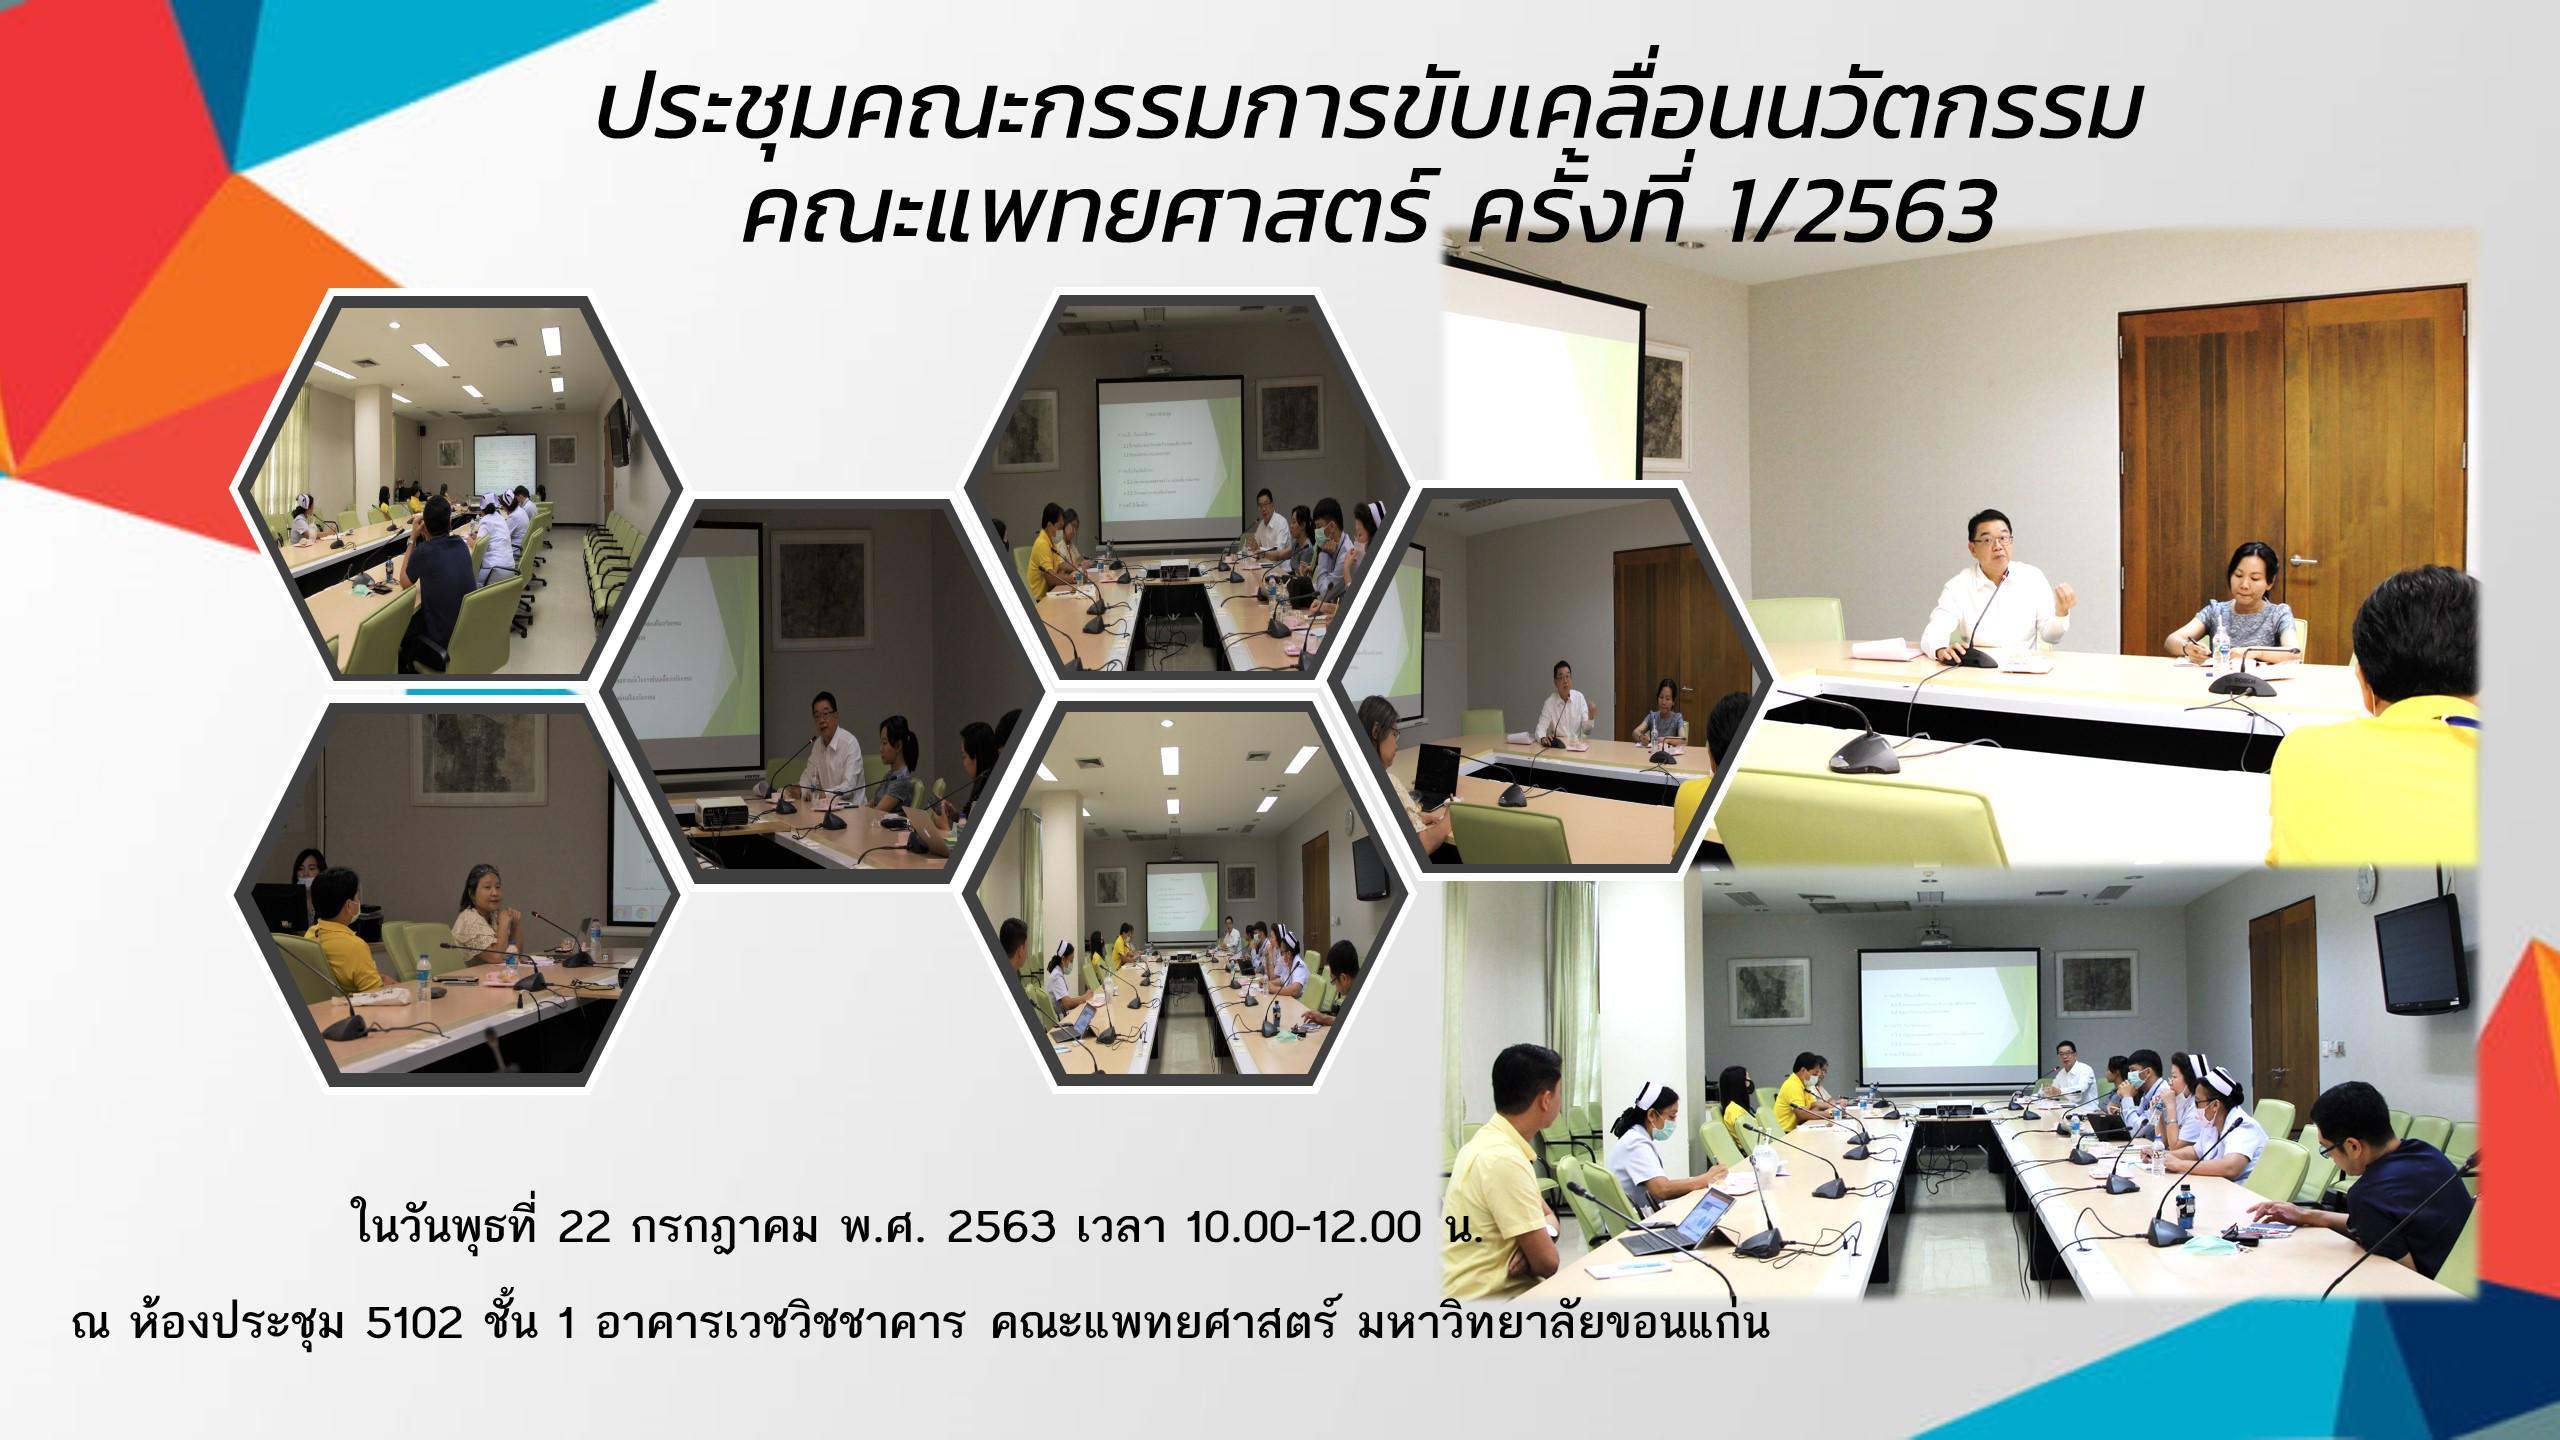 ประชุมคณะกรรมการขับเคลื่อนนวัตกรรม คณะแพทยศาสตร์ ครั้งที่ 1/2563